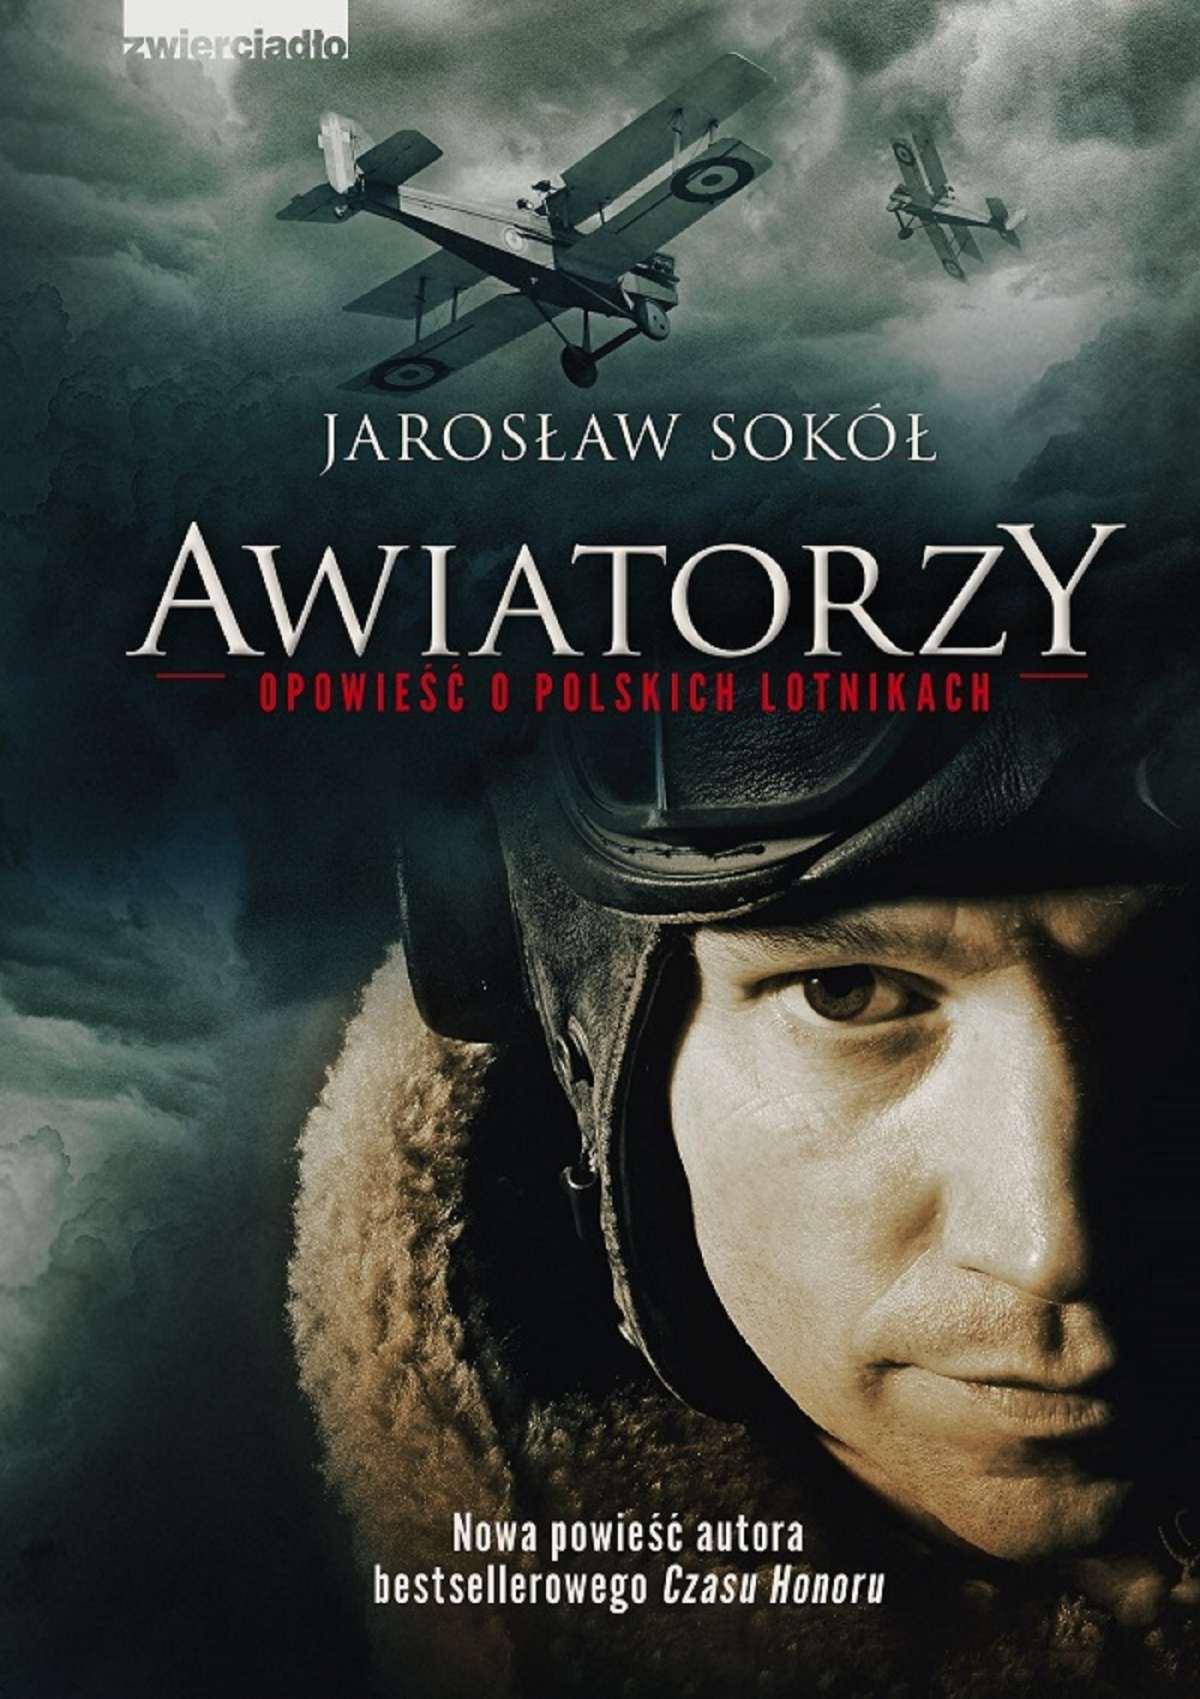 Awiatorzy - Opowieść o polskich lotnikach - Ebook (Książka EPUB) do pobrania w formacie EPUB